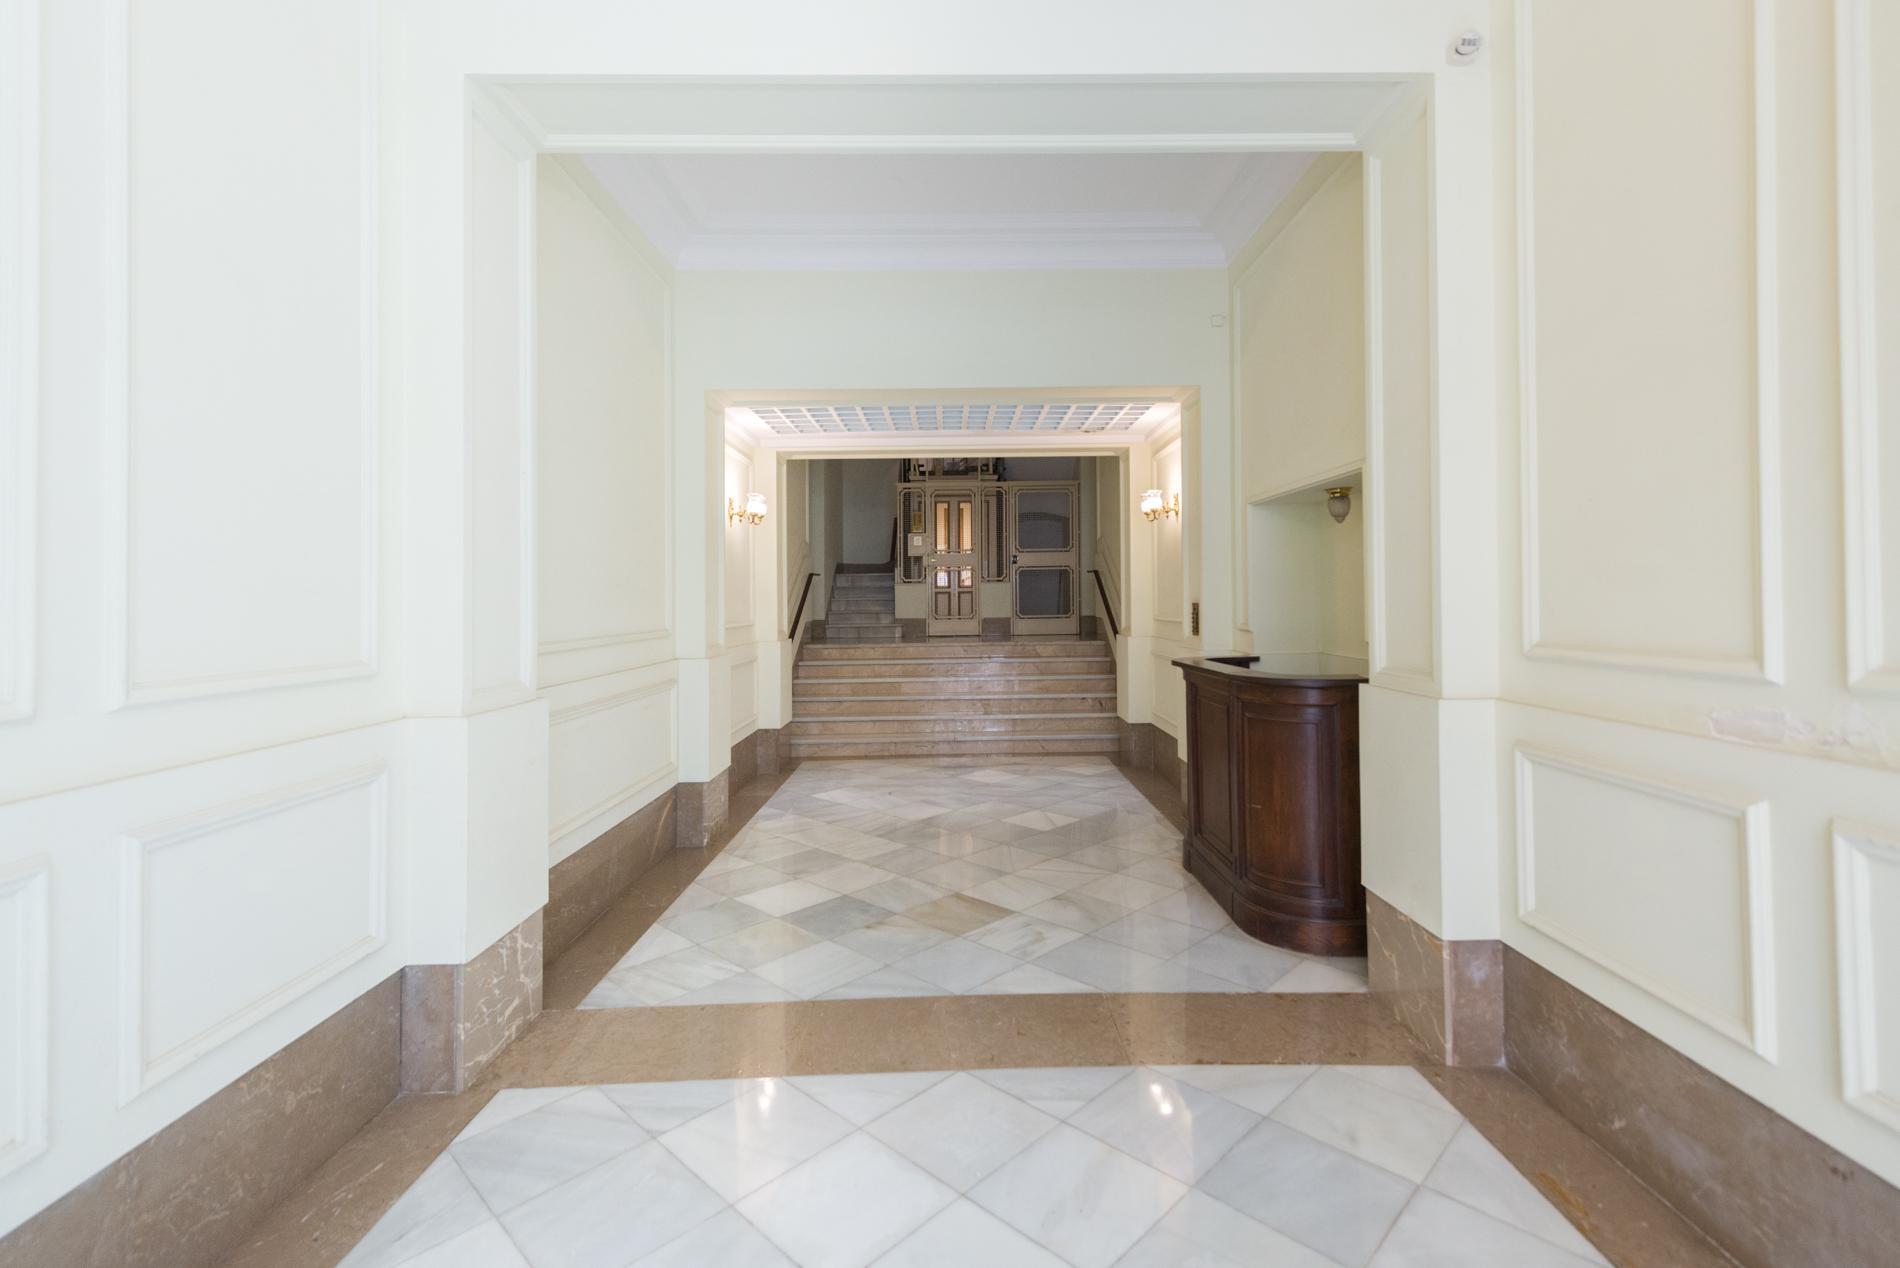 247761 Ground Floor for sale in Sarrià-Sant Gervasi, St. Gervasi-Bonanova 38